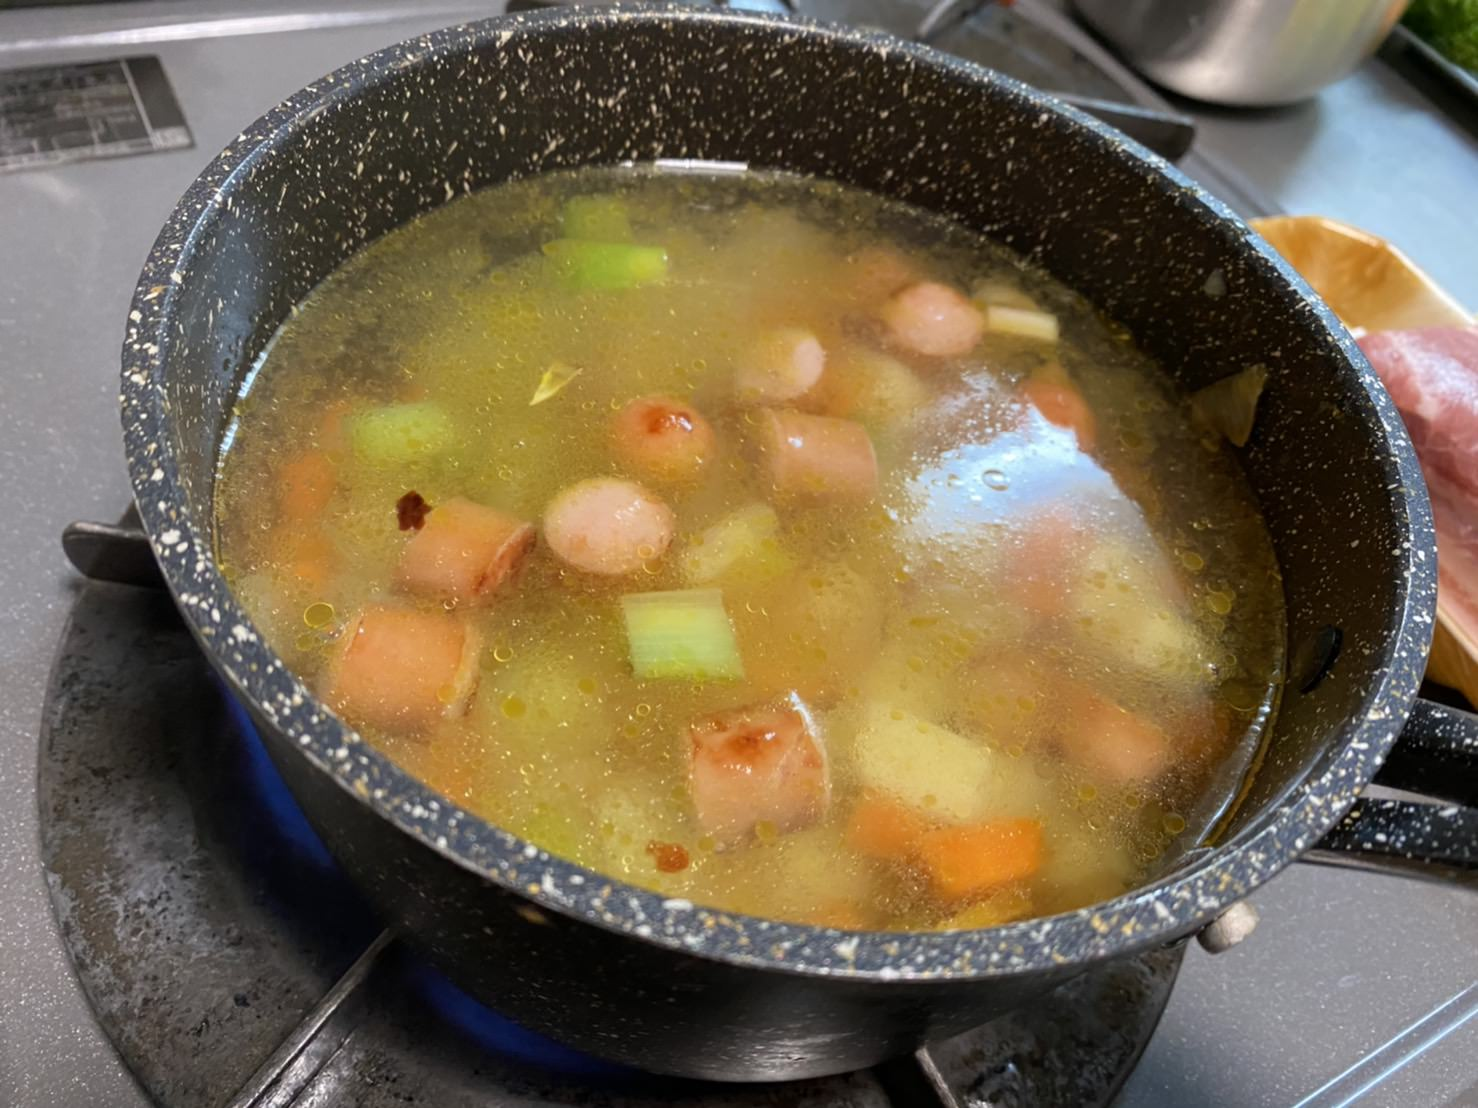 鍋に水を入れた画像です。